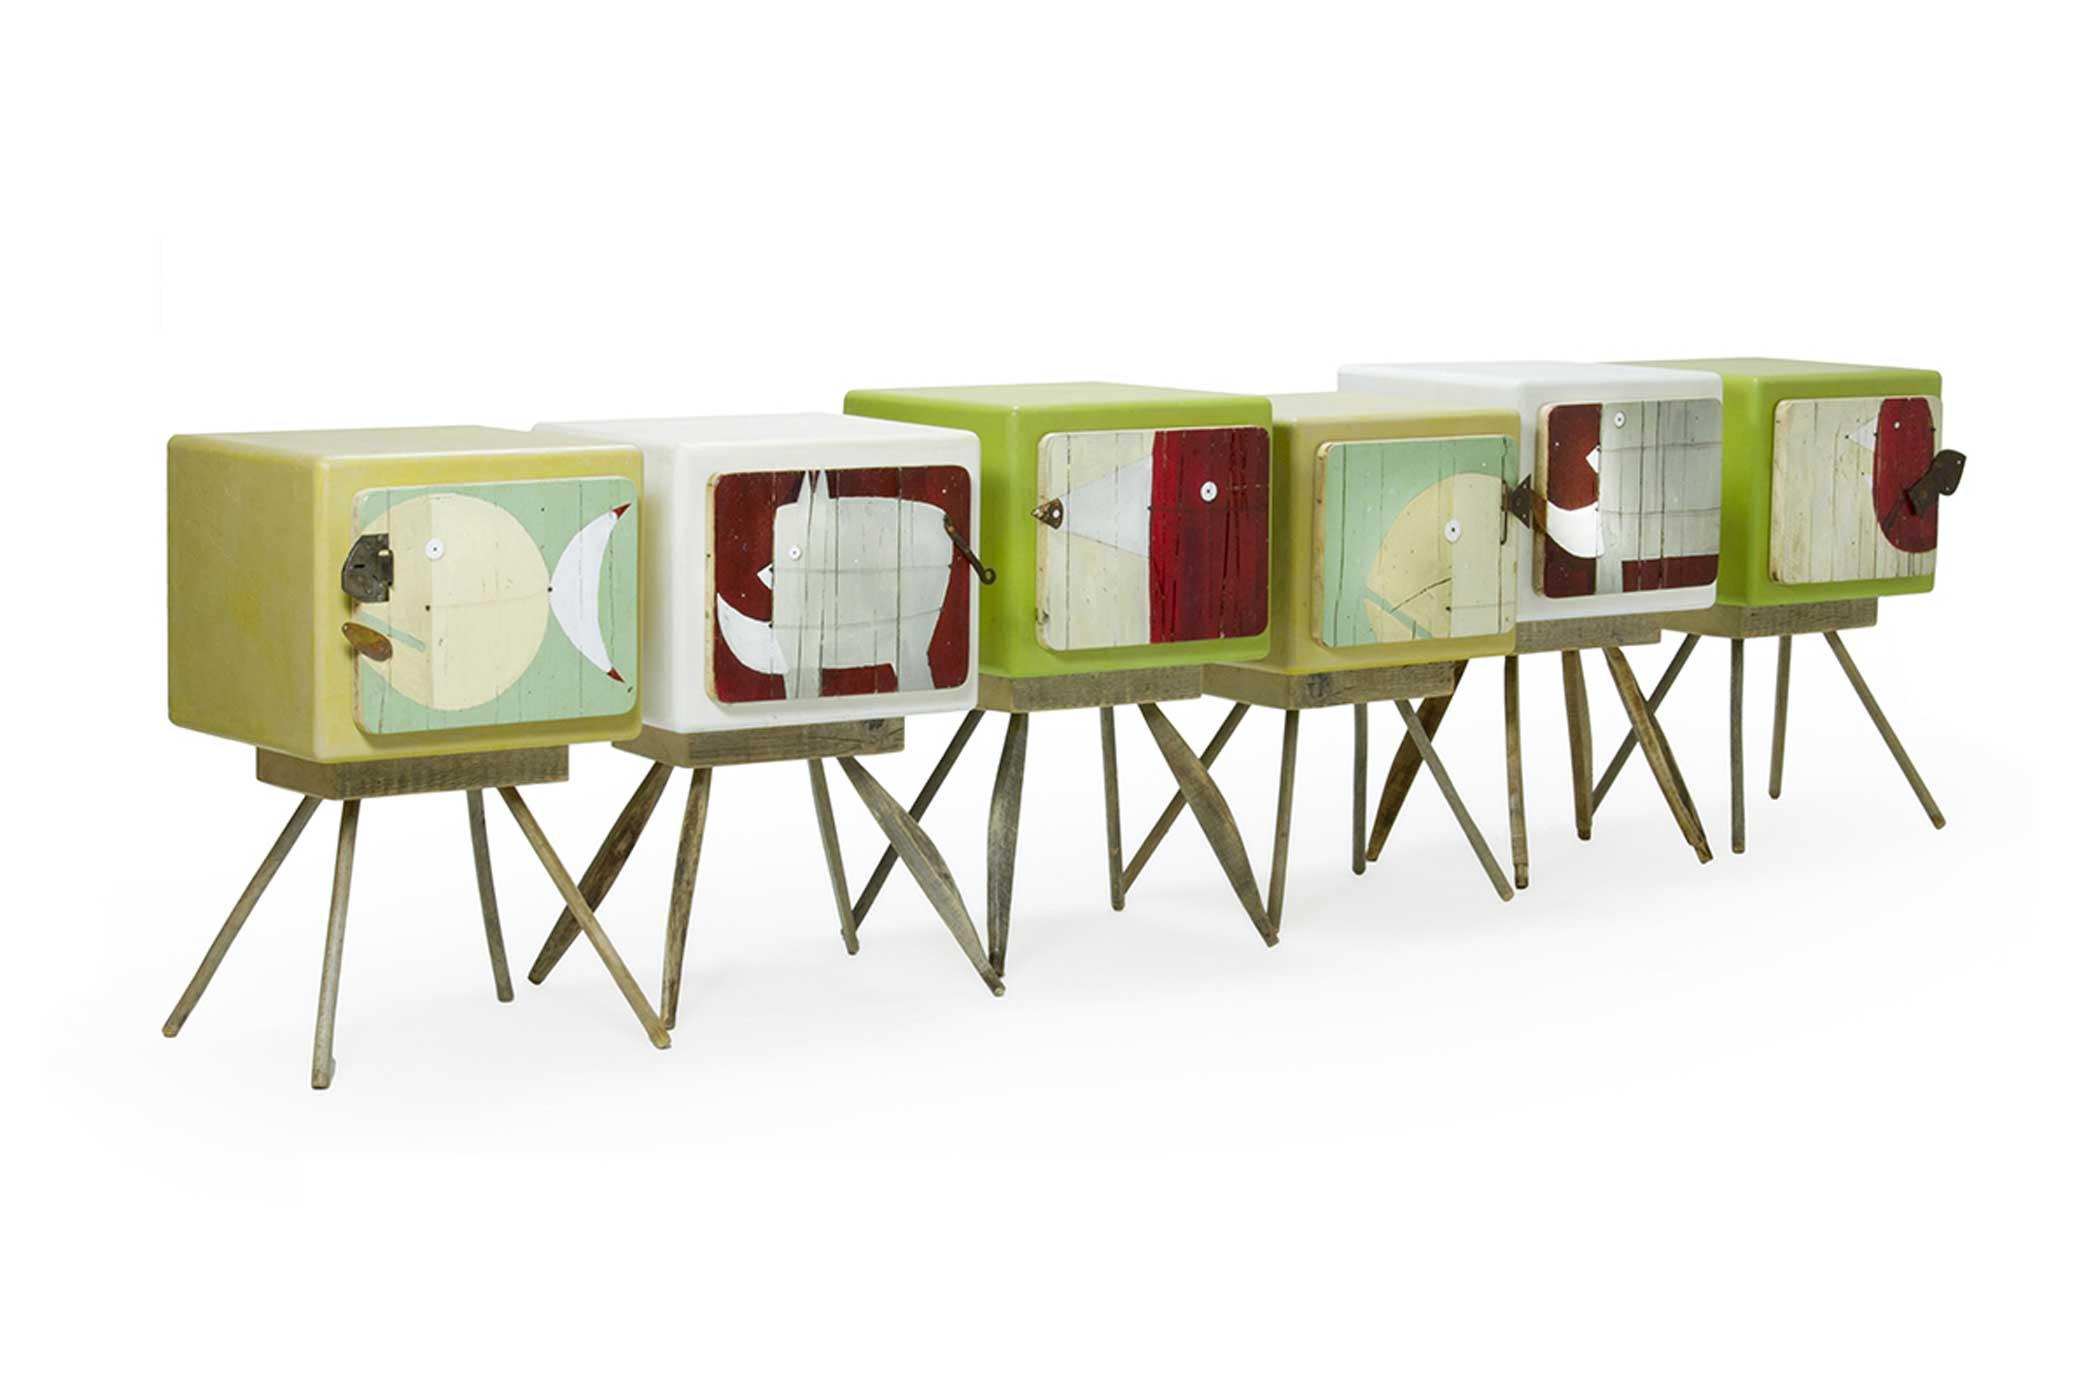 Mobili artigianali con illustrazioni originali di artisti. Comodini con illustrazioni di animali